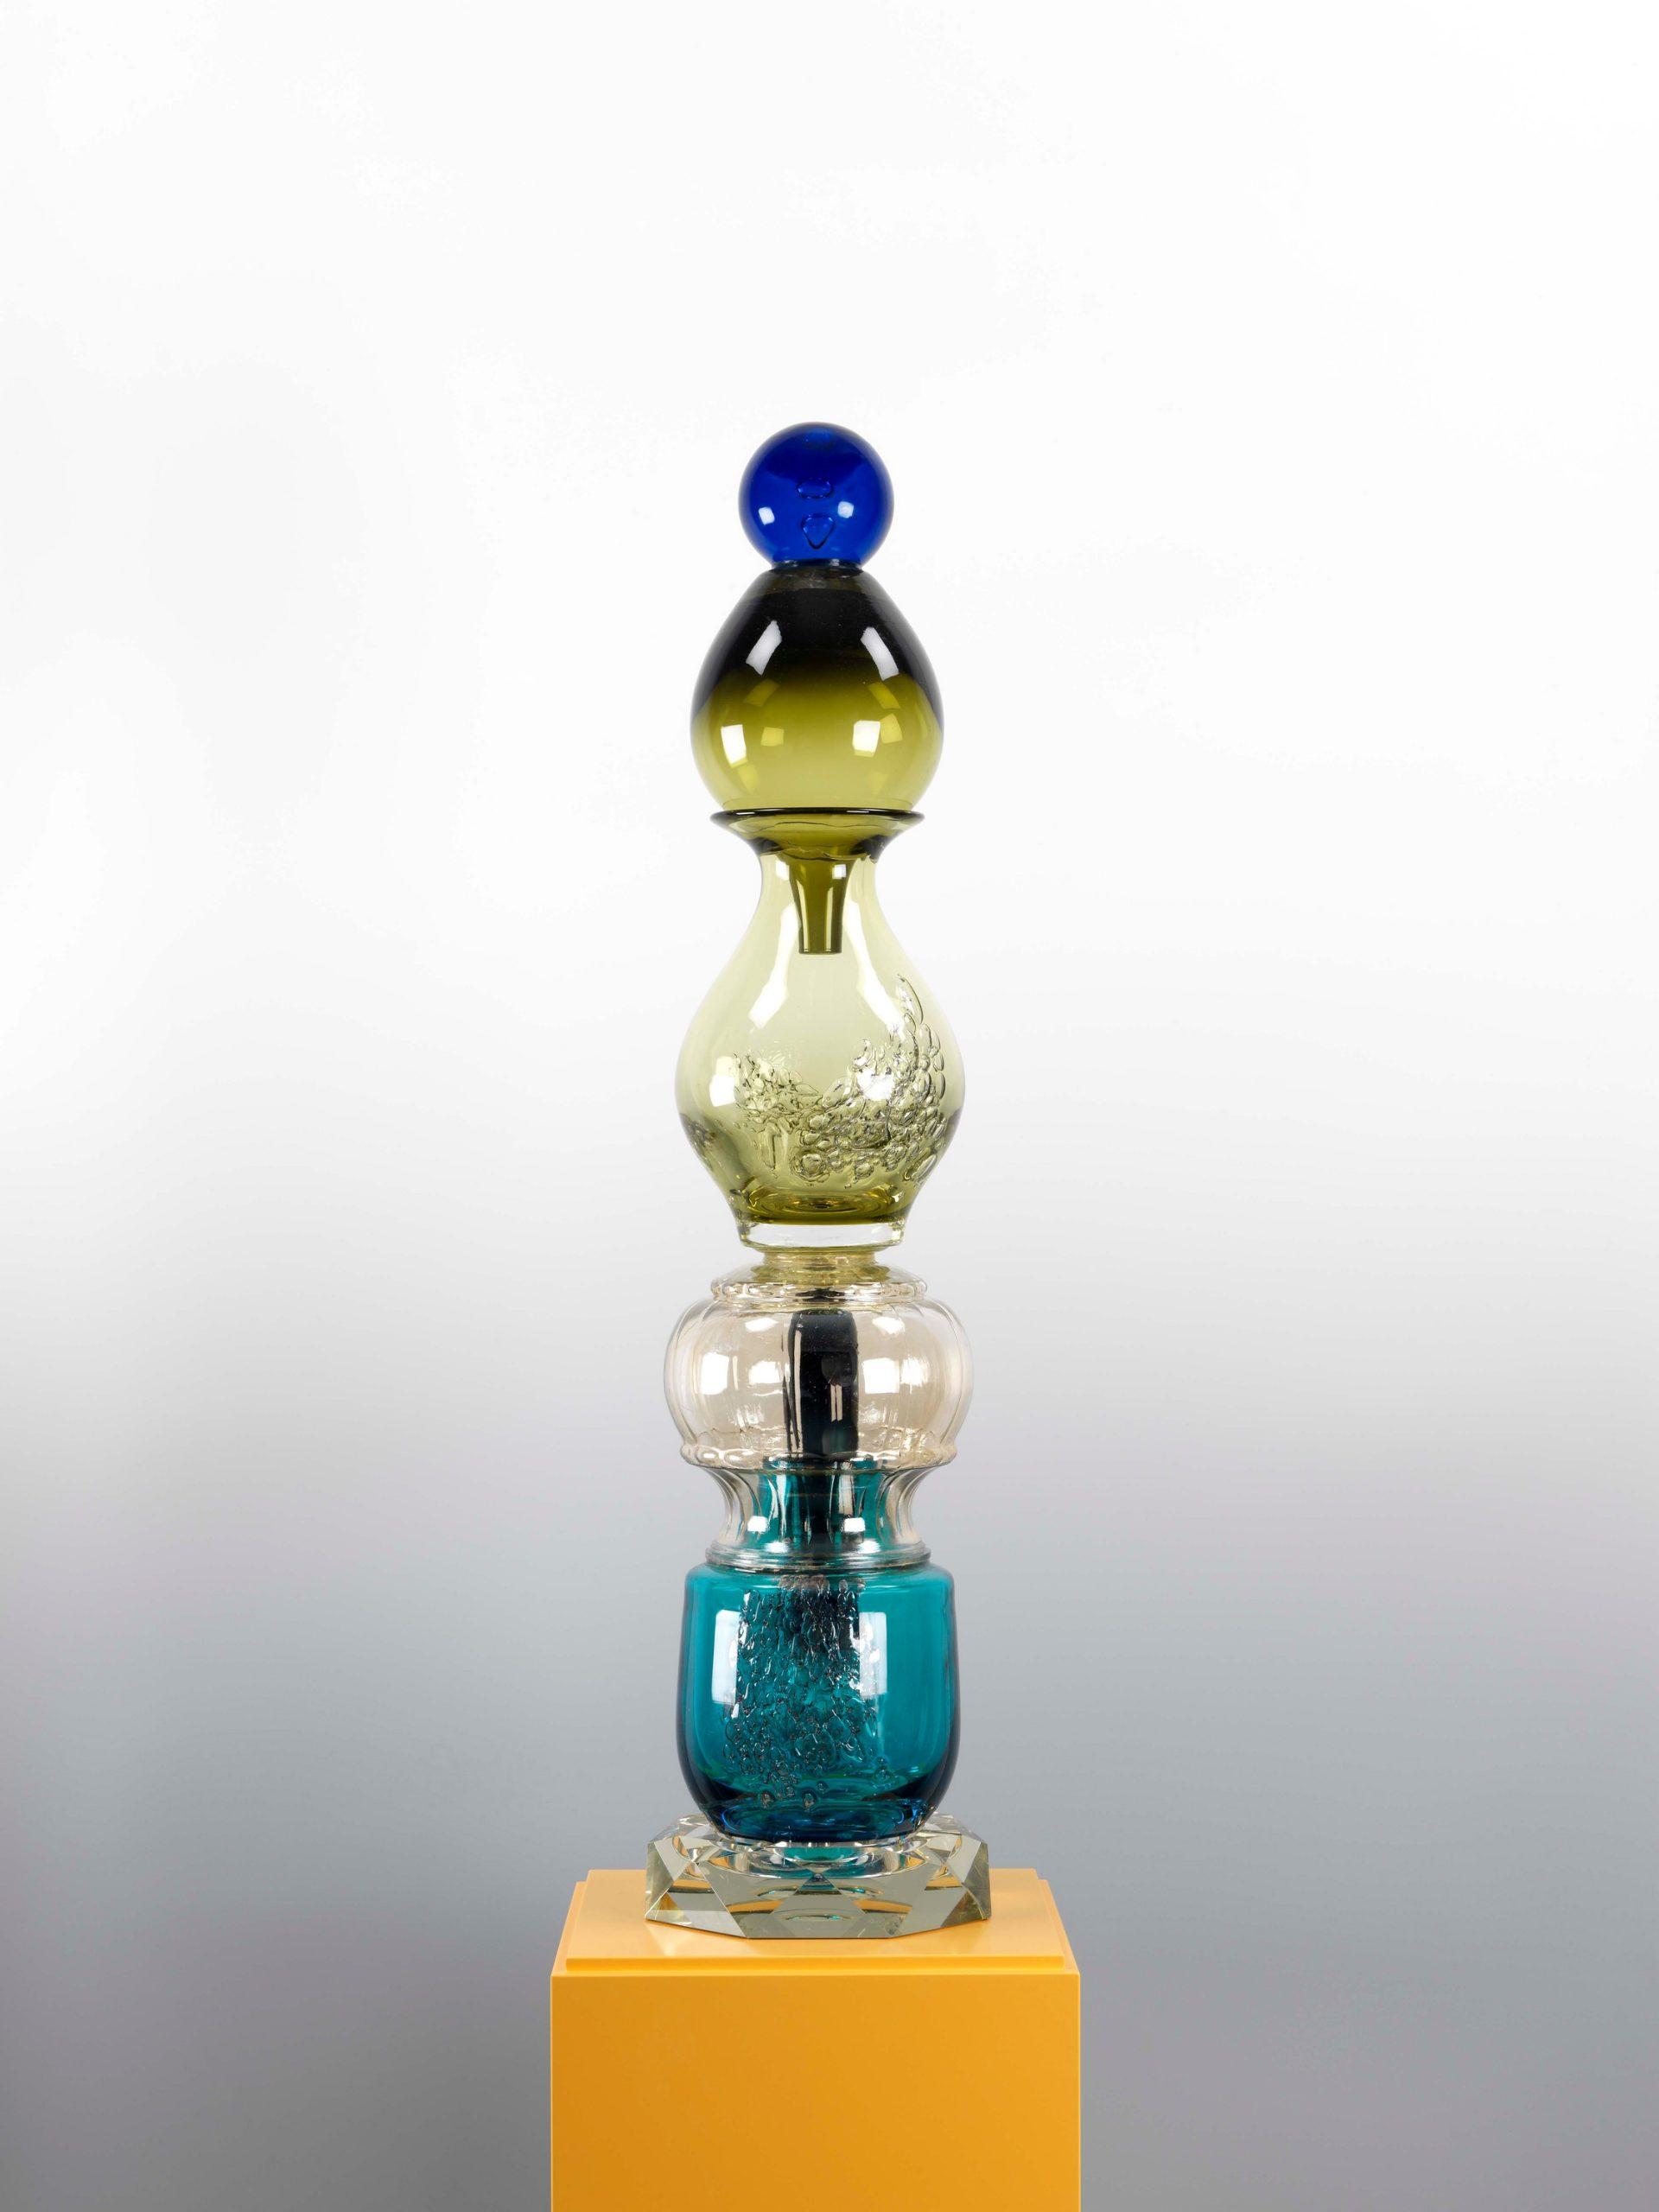 Blaupunkt, 2011, Glas, 78 x 18 x 18 cm